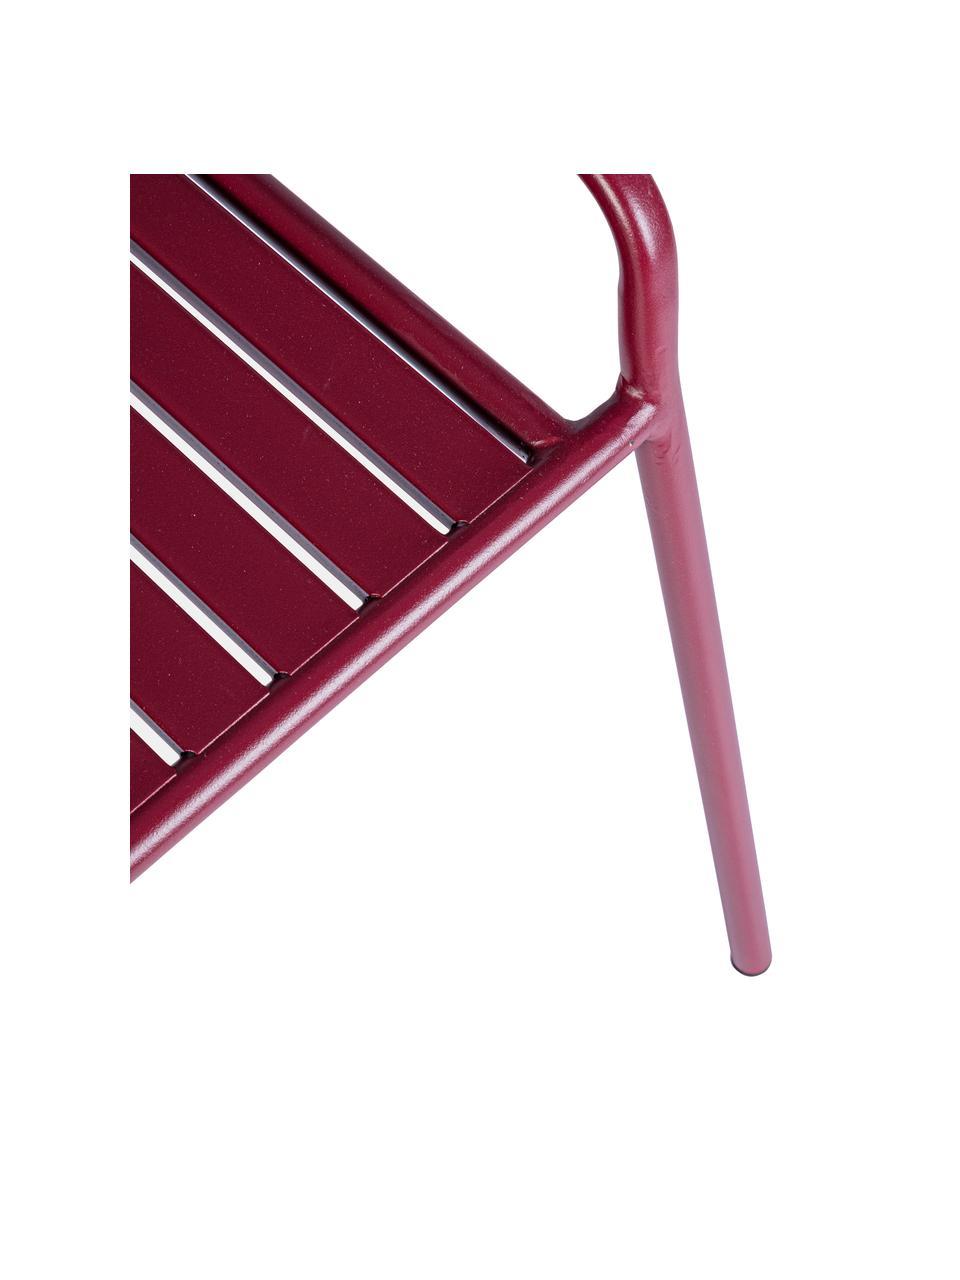 Rote Sitzbank Dalya, Stahl, pulverbeschichtet, Burgundrot, 88 x 51 cm